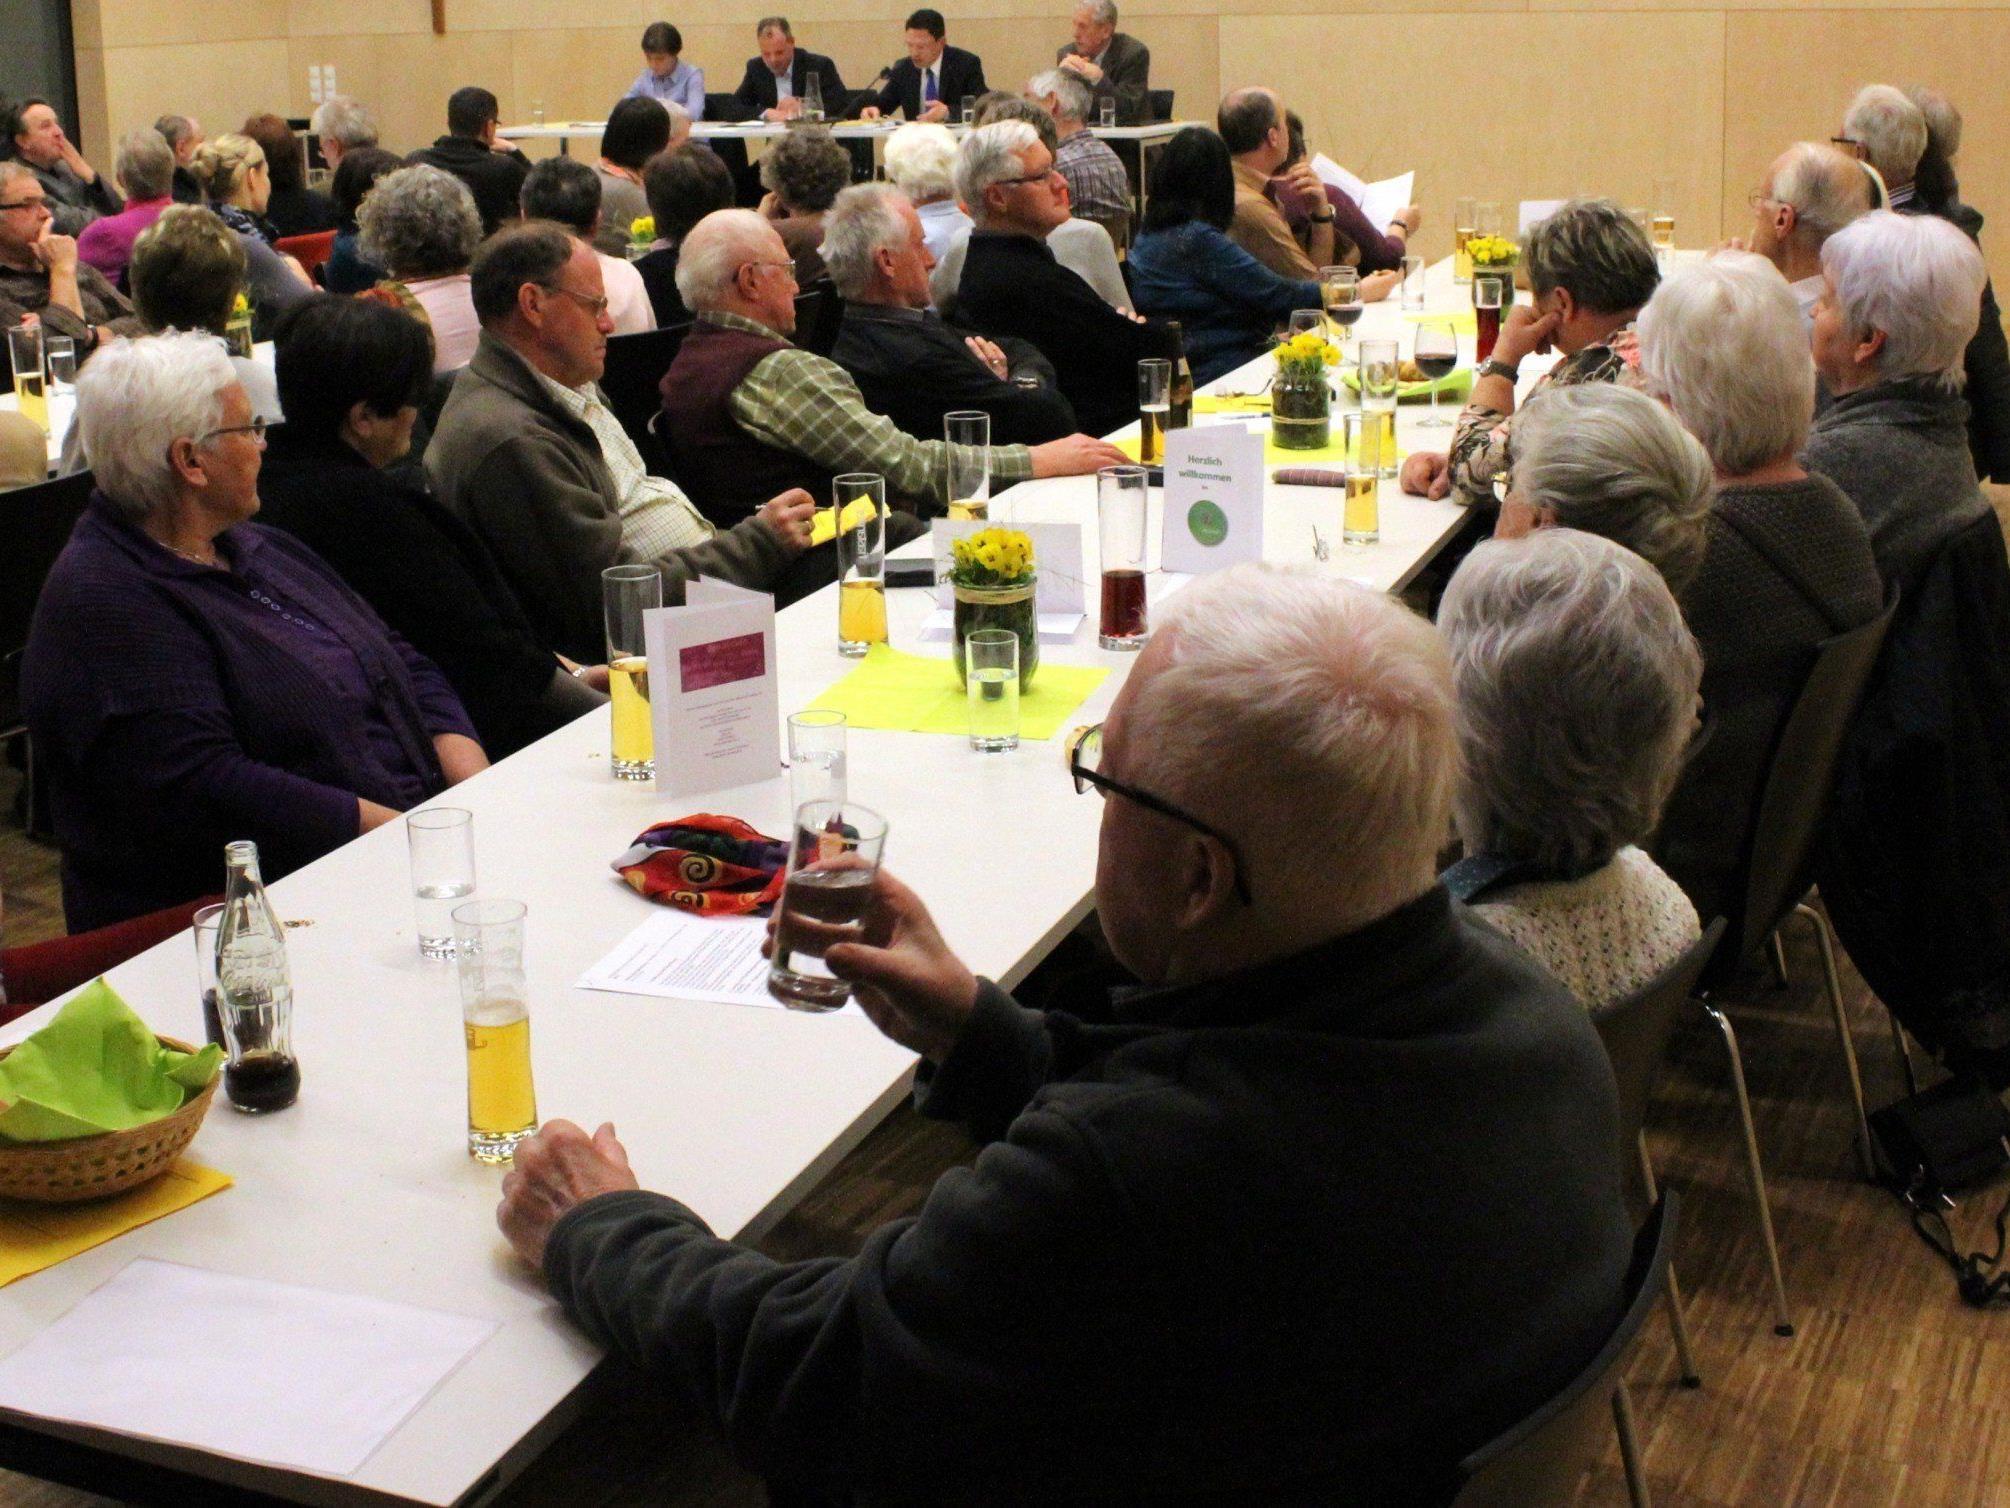 Zahlreiche Besucher waren der Einladung zur Generalversammlung gefolgt.